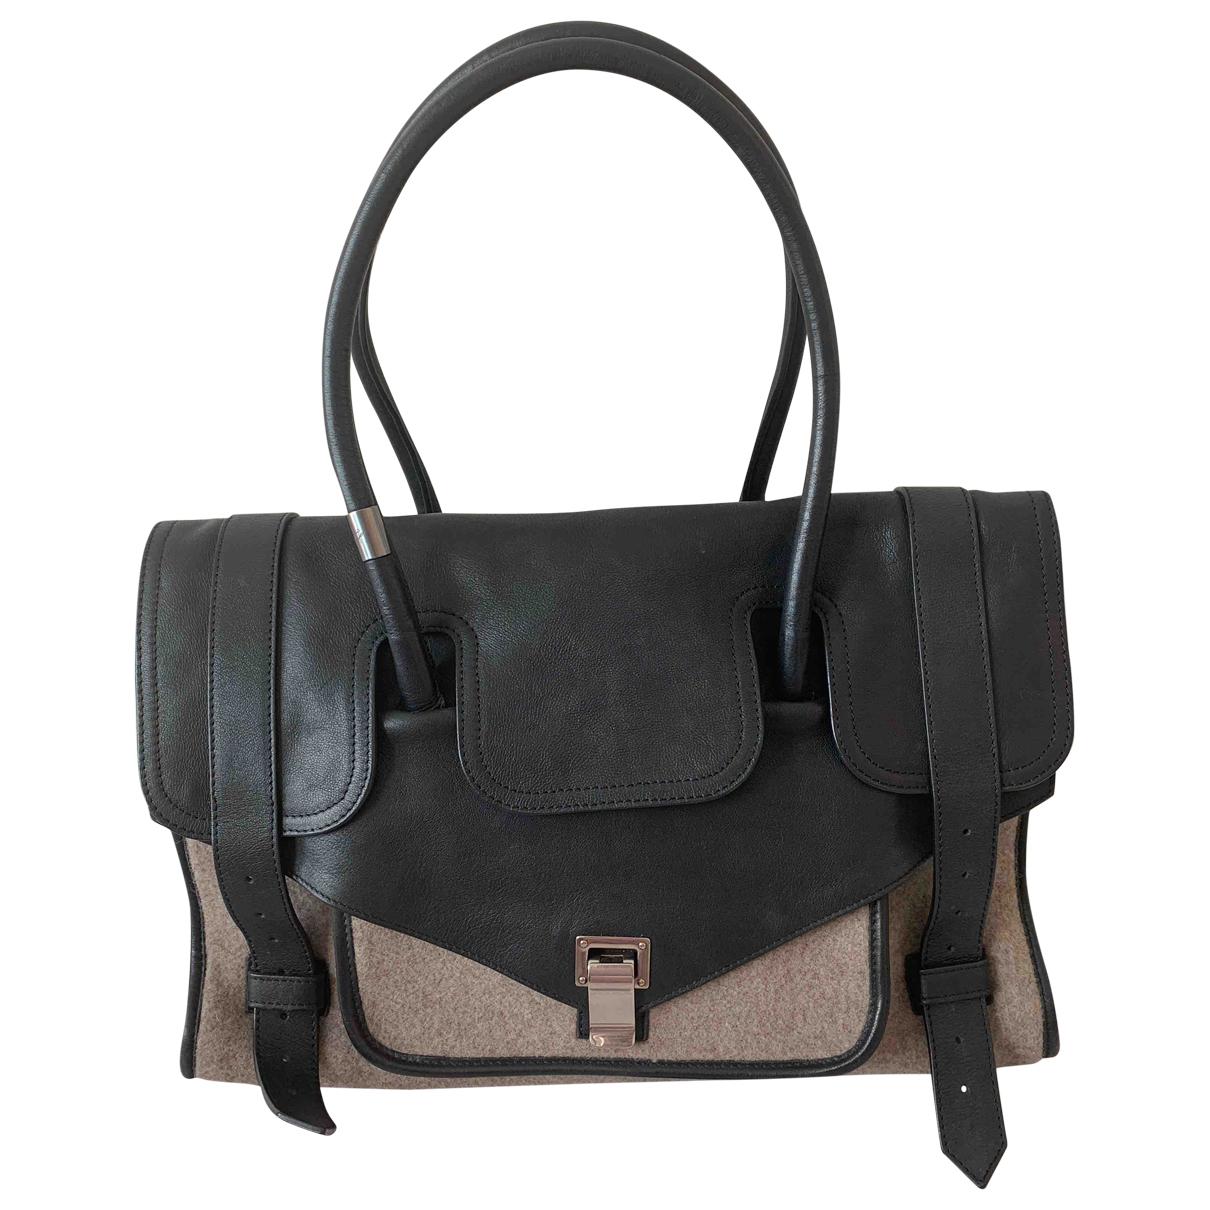 Proenza Schouler - Sac de voyage PS1 pour femme en cuir - noir